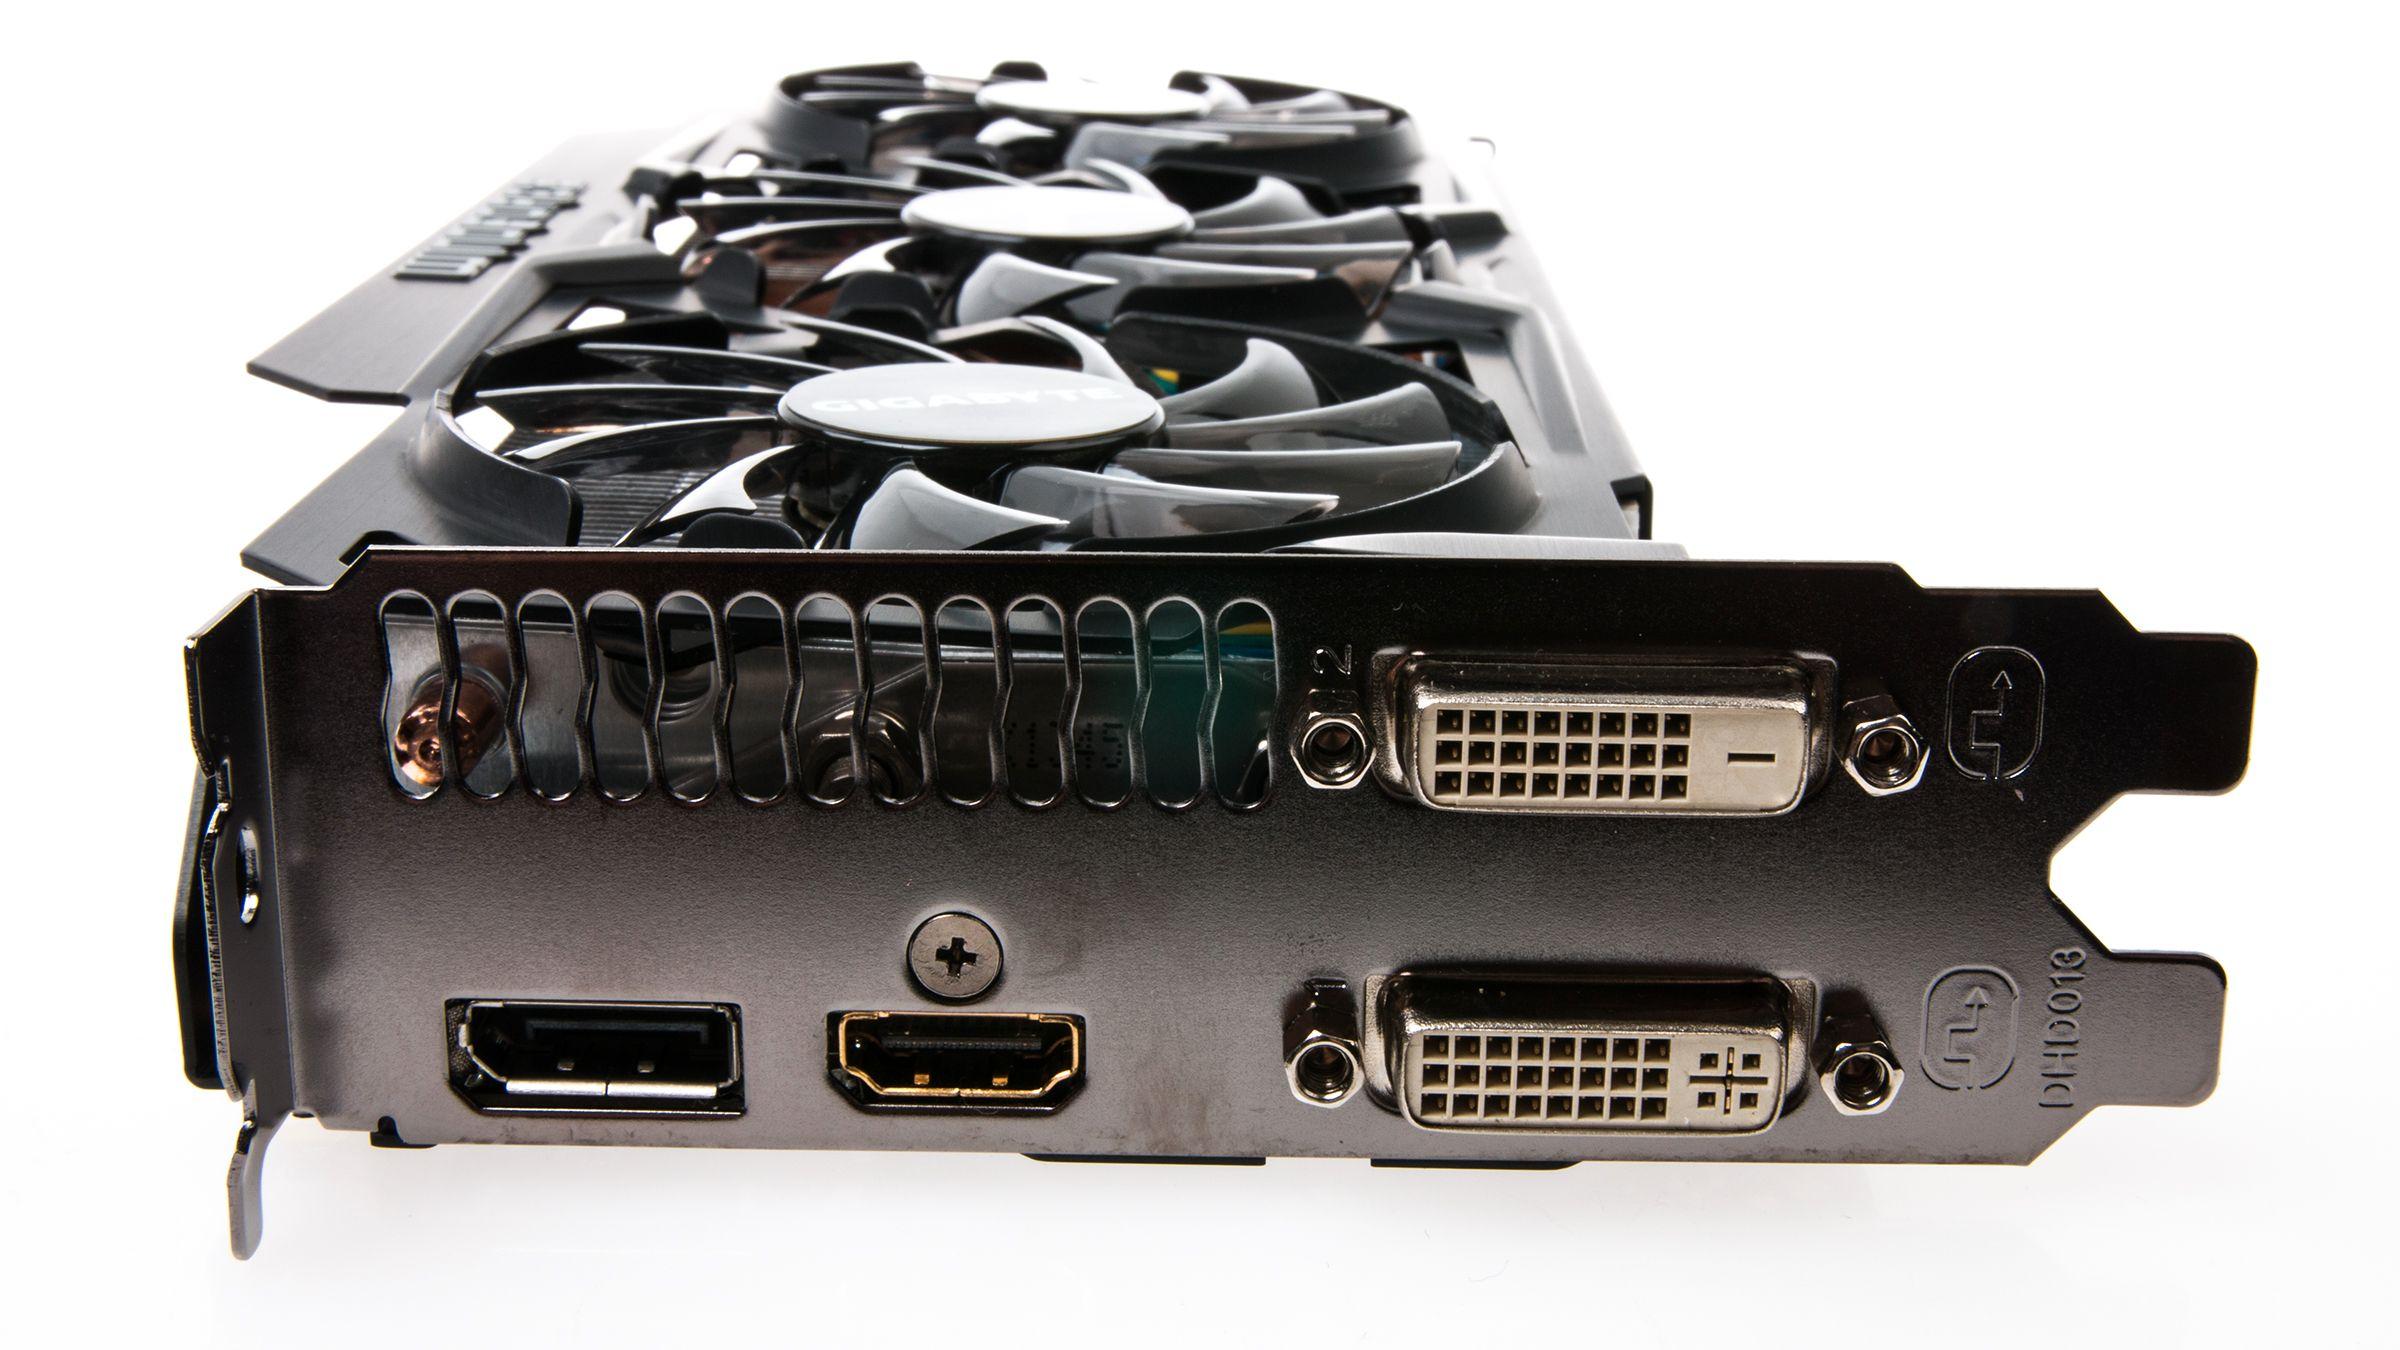 Gigabyte GeForce GTX 780 Ti GHz Edition kommer med både DVI, DisplayPort og HDMI-utganger.Foto: Varg Aamo, Hardware.no